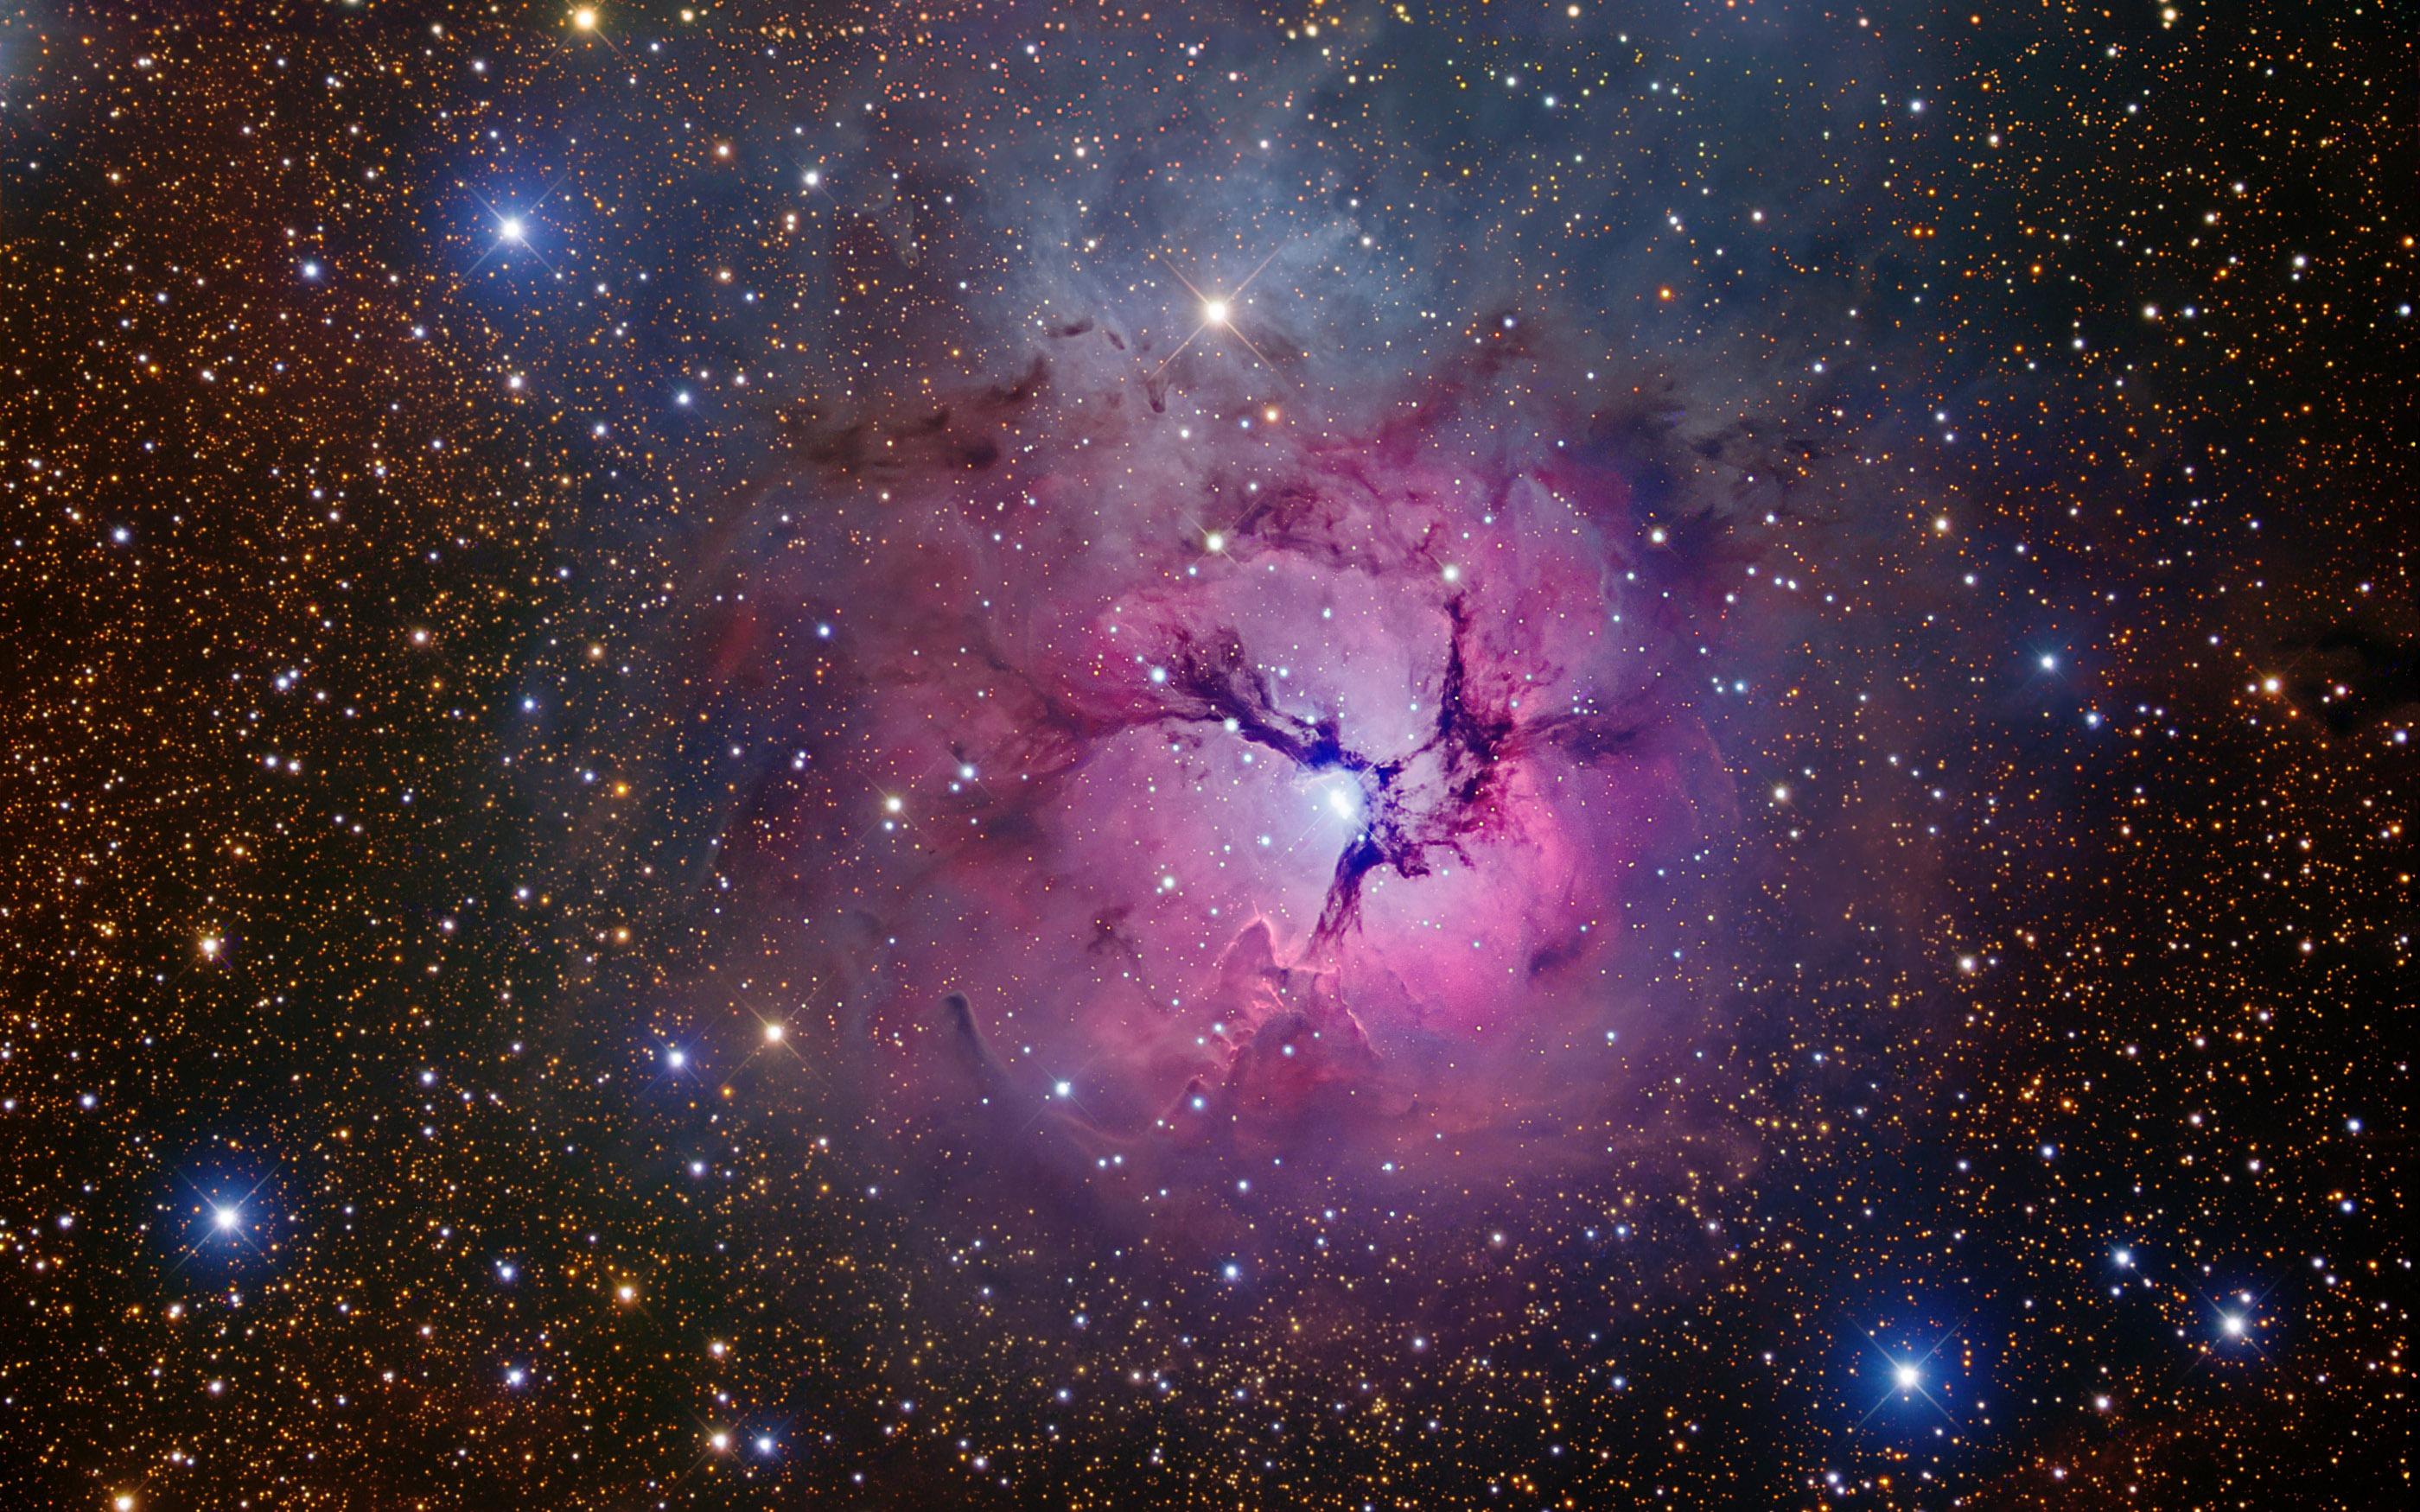 Fotos de una galaxia y sus estrellas - 2800x1750